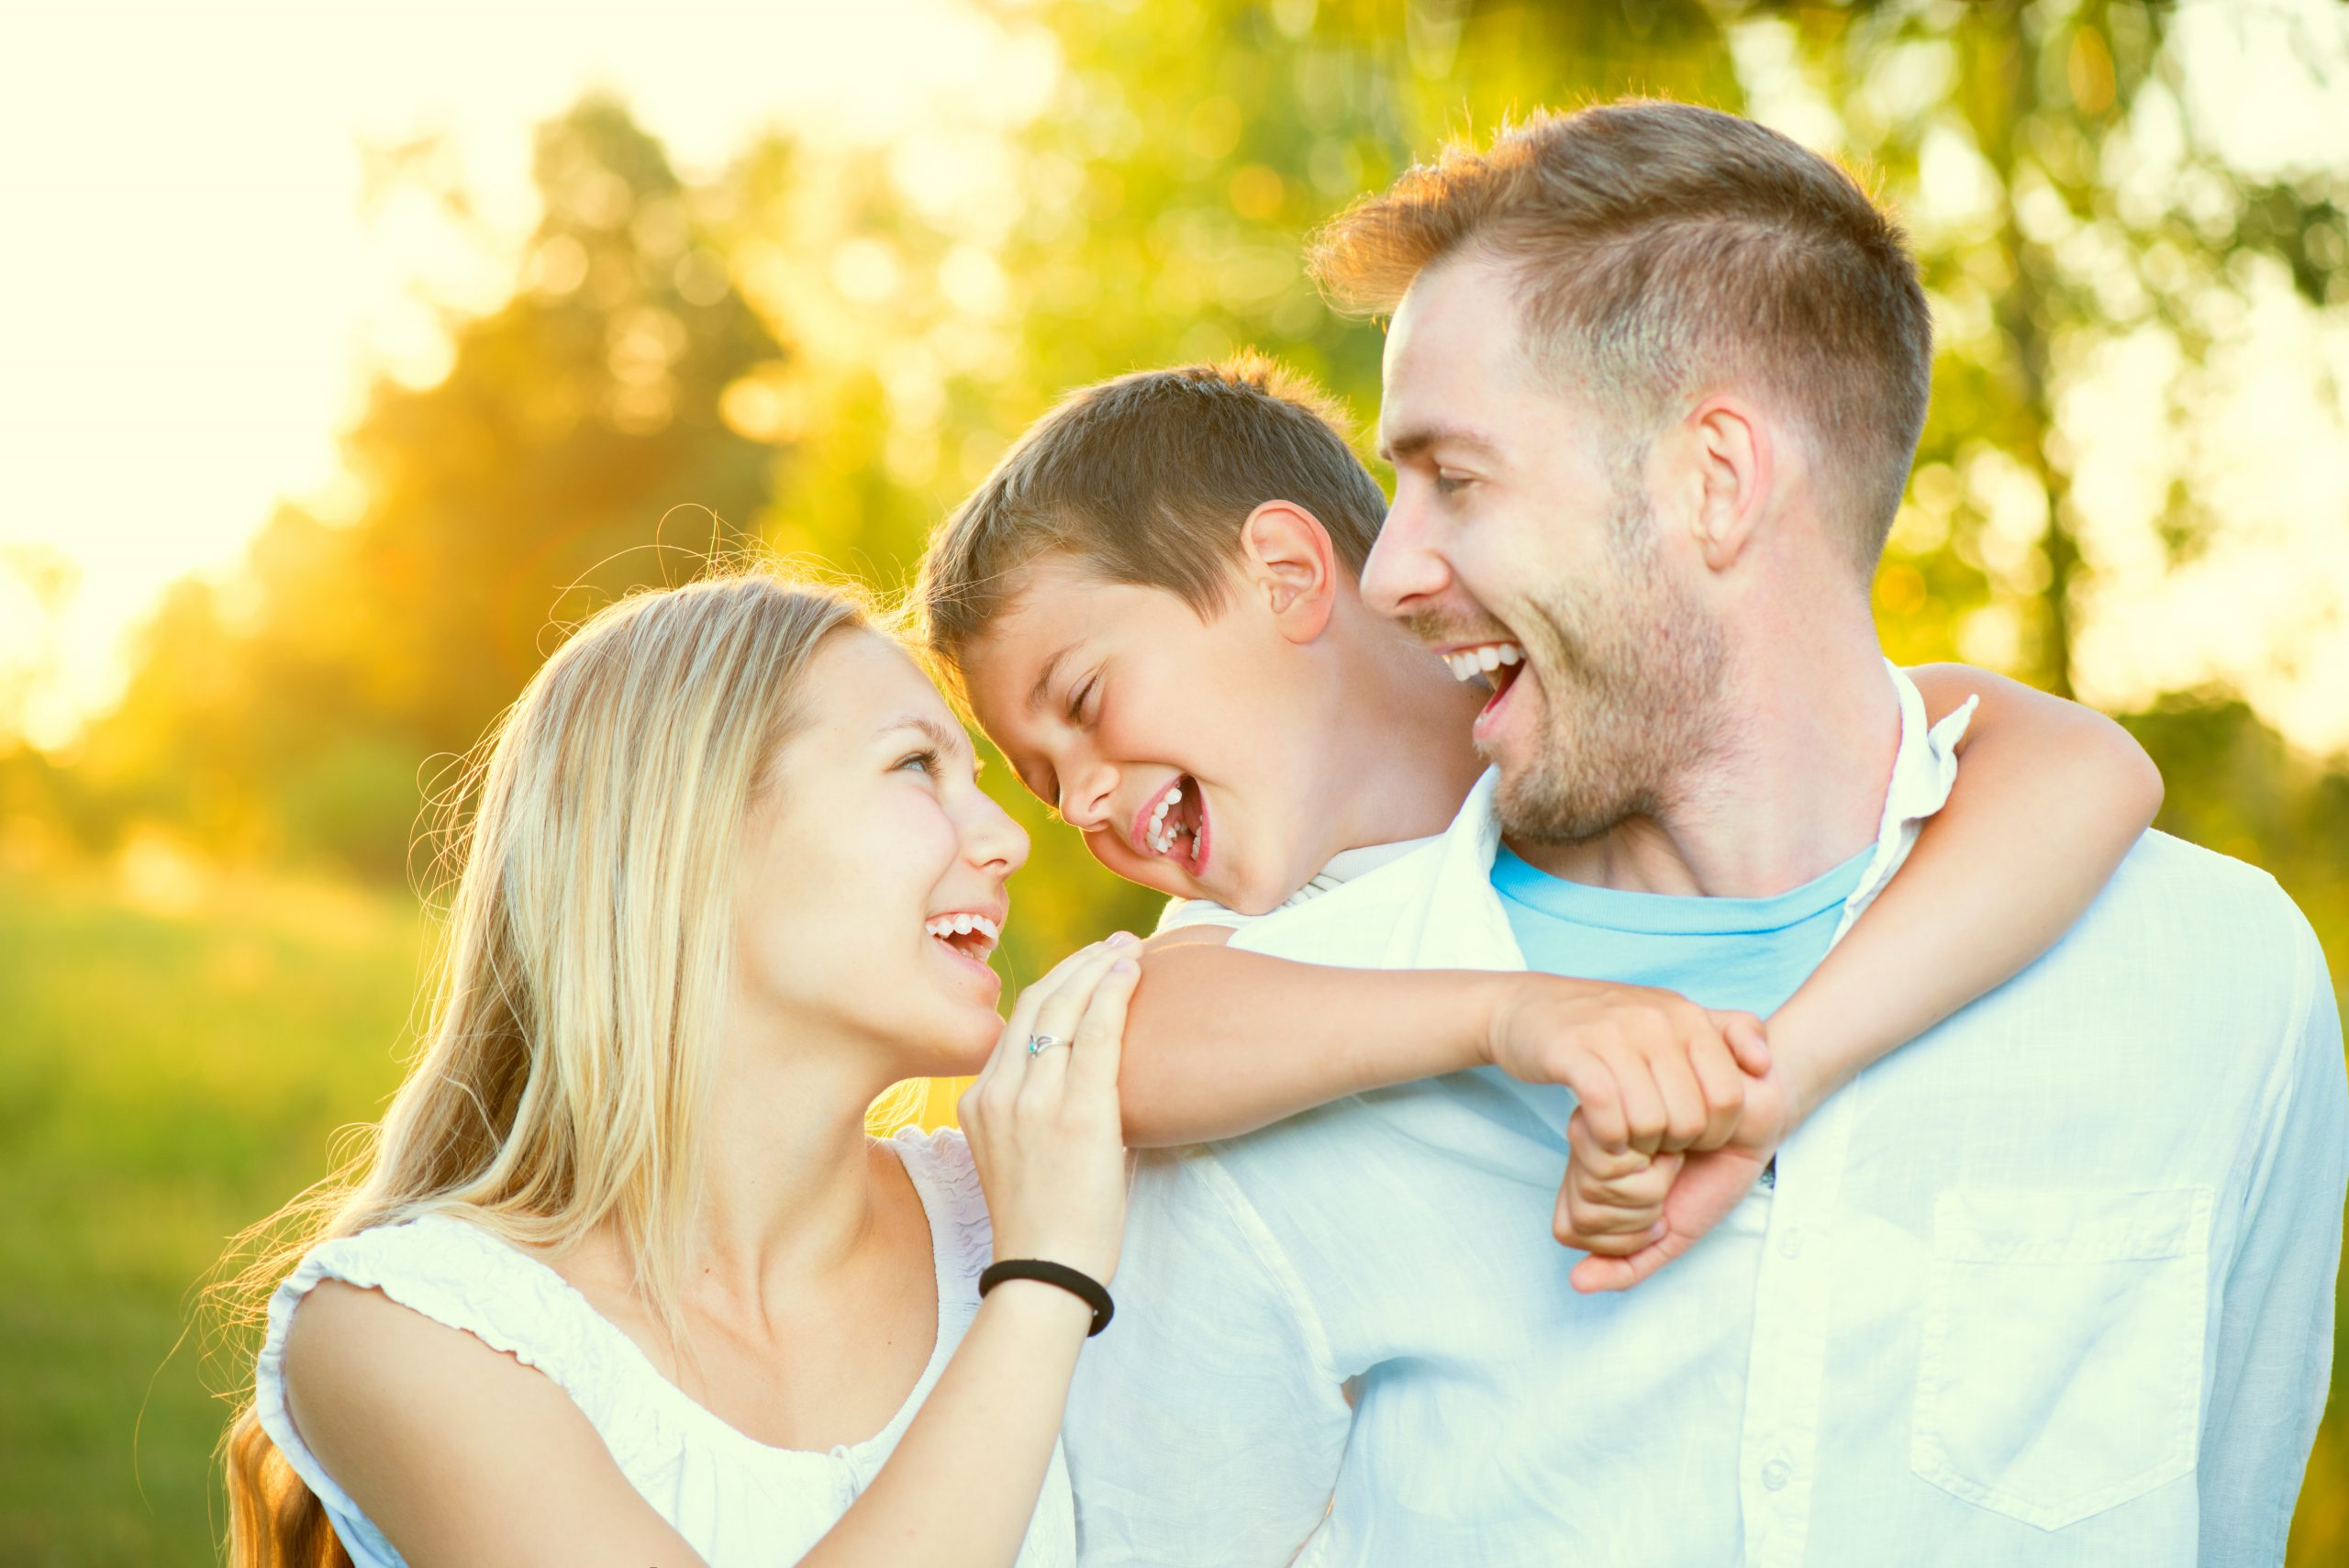 La parentalité bienveillante